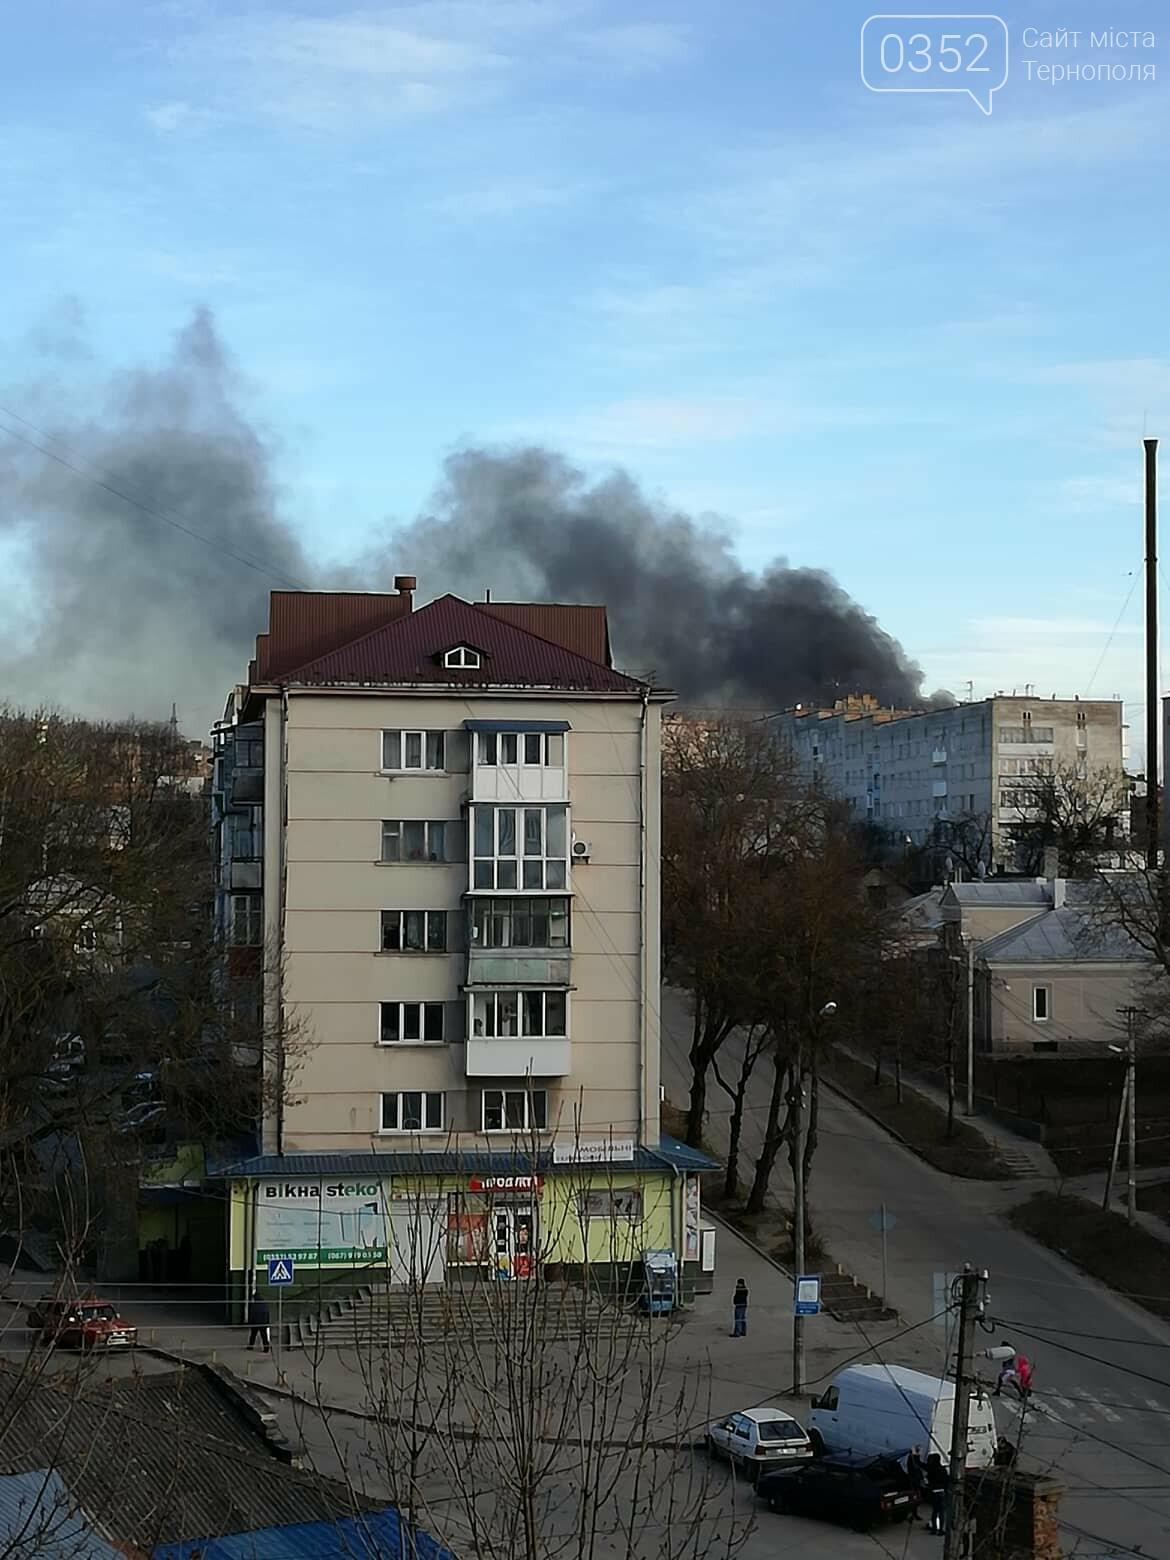 У Тернополі на Східному спалахнула пожежа: дим над містом було видно за багато кілометрів (ФОТОФАКТ, ВІДЕО), фото-1